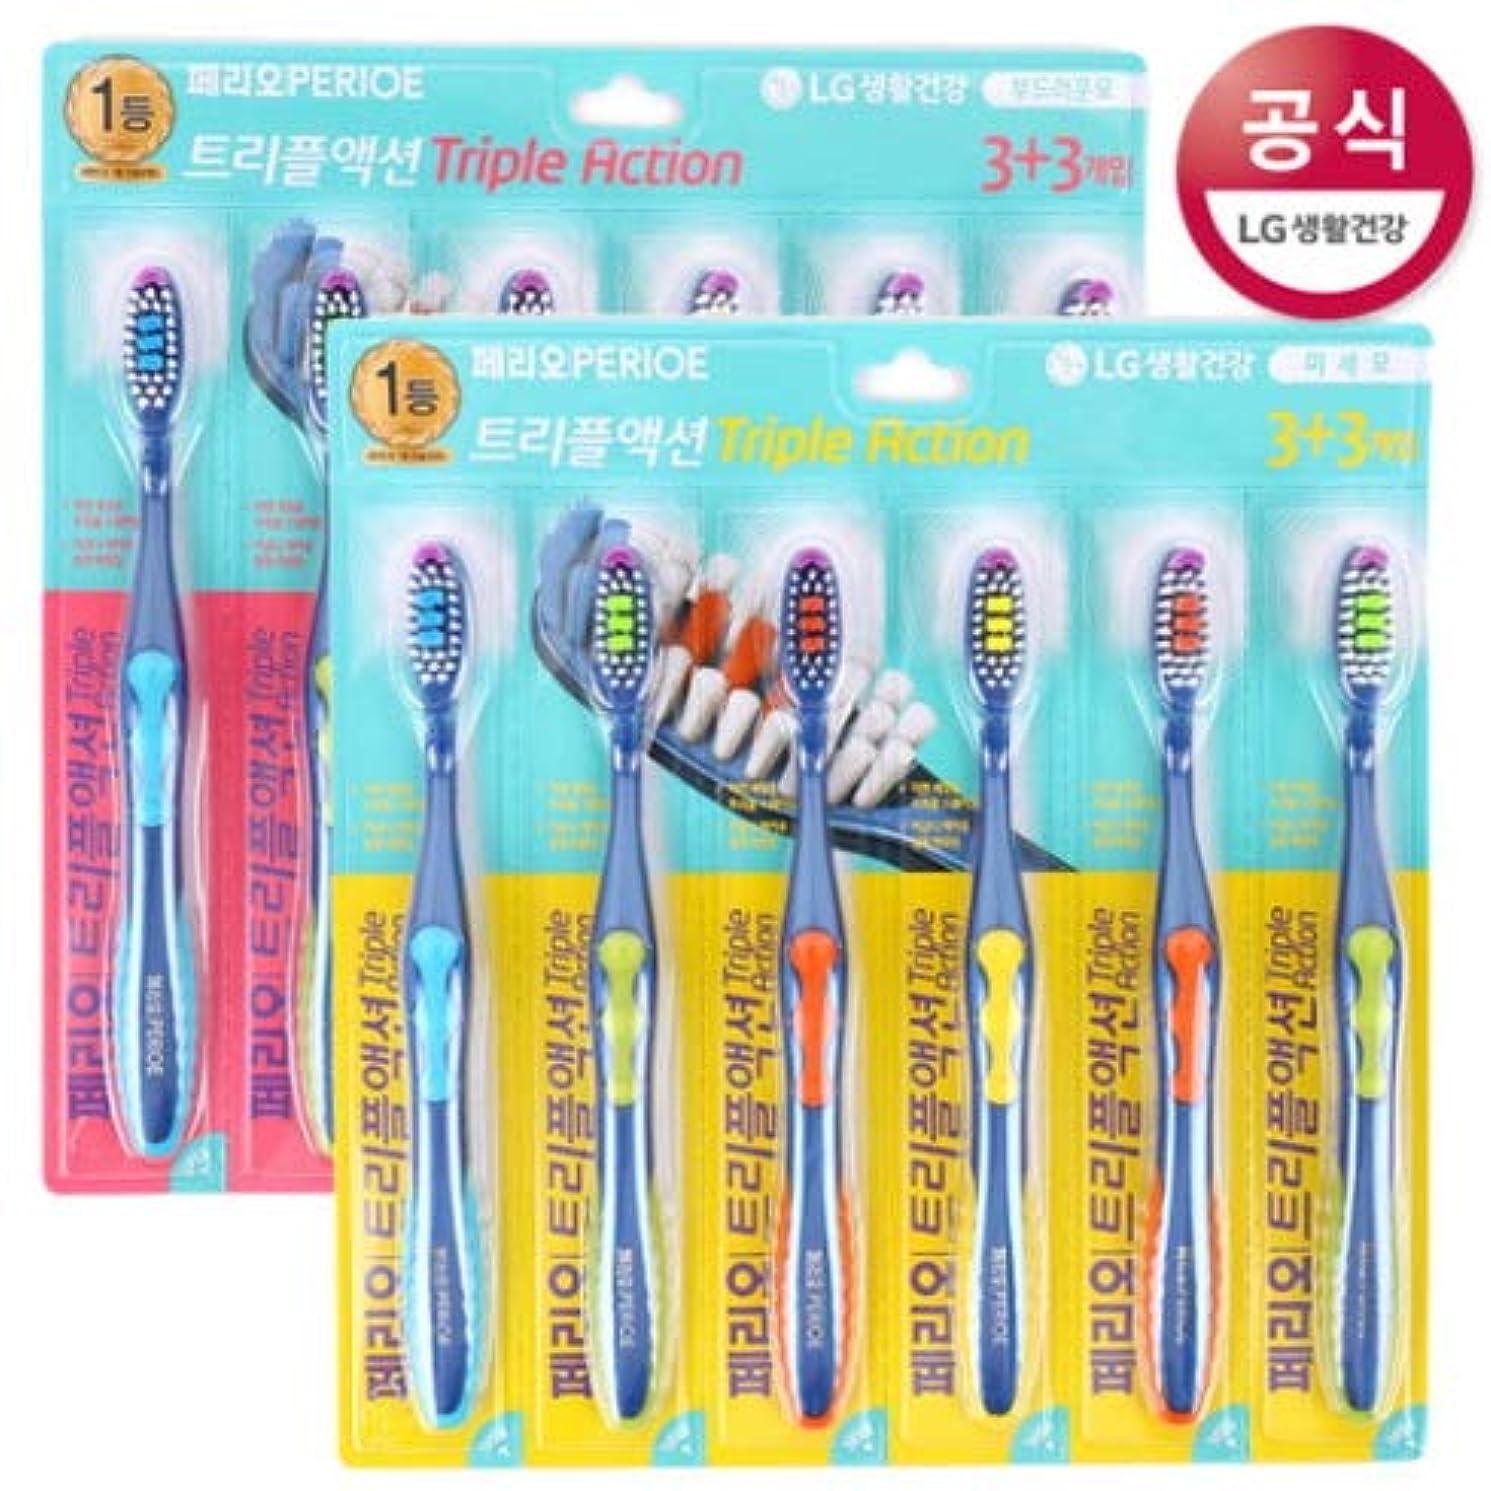 クスコしかし散逸[LG HnB] Perio Triple Action Toothbrush/ペリオトリプルアクション歯ブラシ 6口x2個(海外直送品)